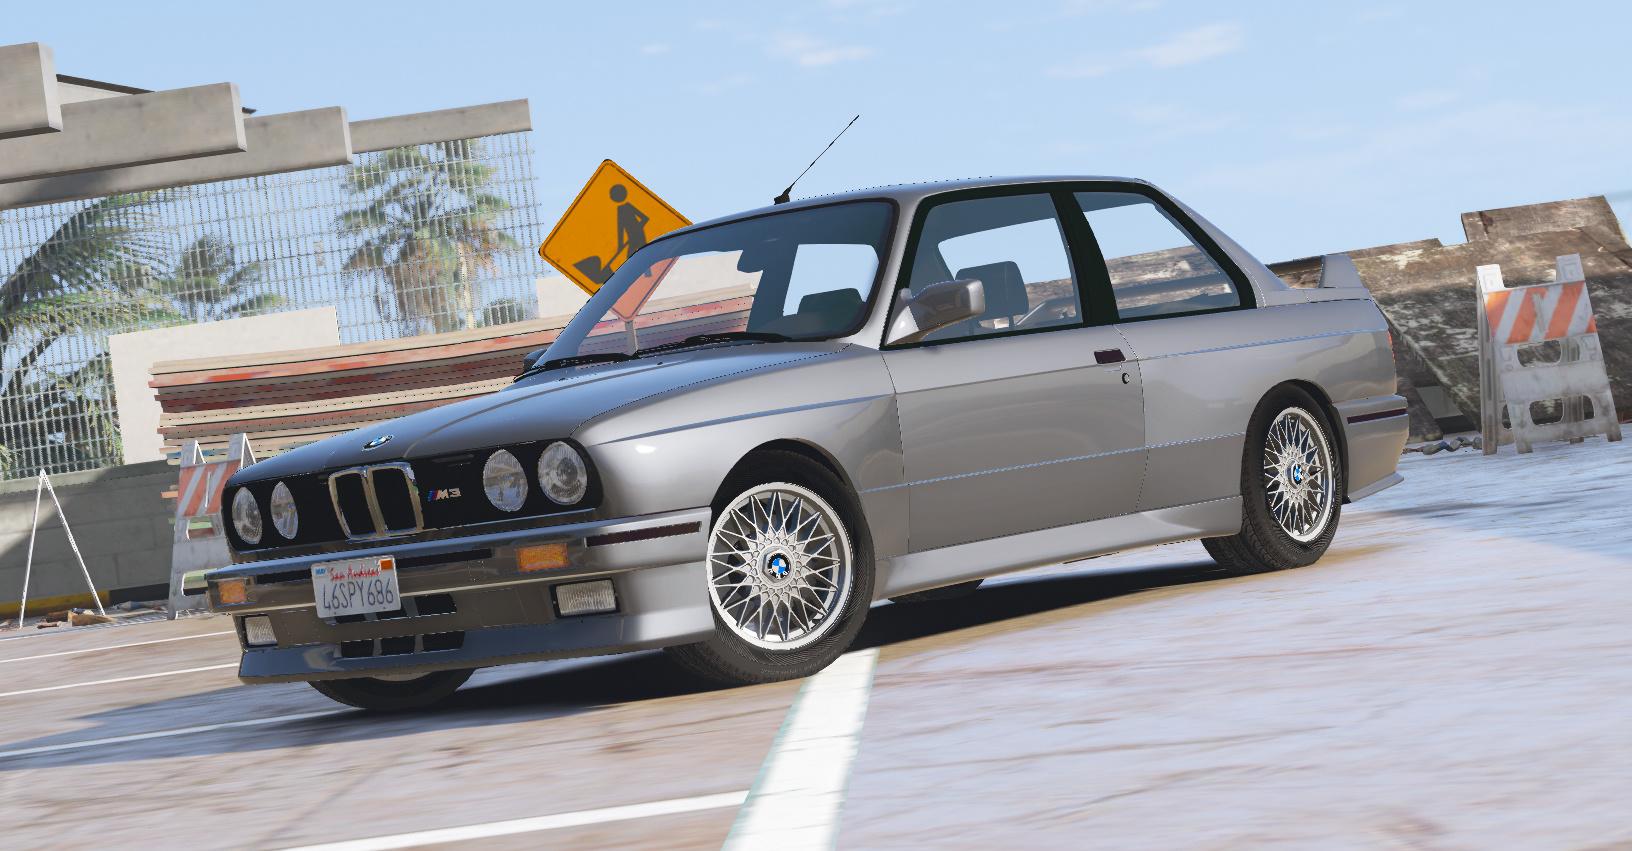 BMW E30 M3 >> 1991 Bmw E30 M3 Add On Replace Template Gta5 Mods Com